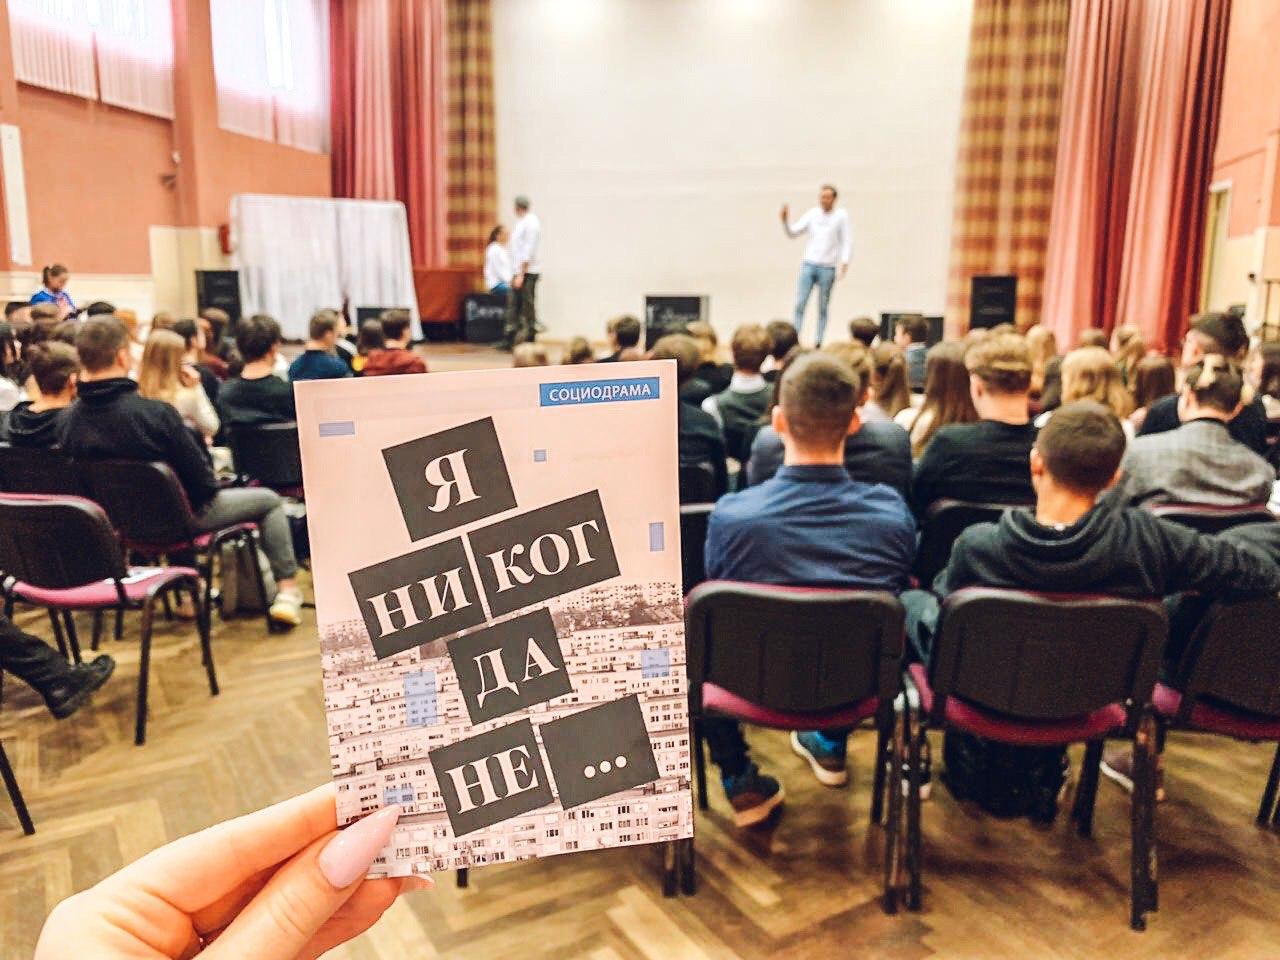 Найти общий язык и социализироваться подросткам Петербурга помогут специалисты Центра «КОНТАКТ»